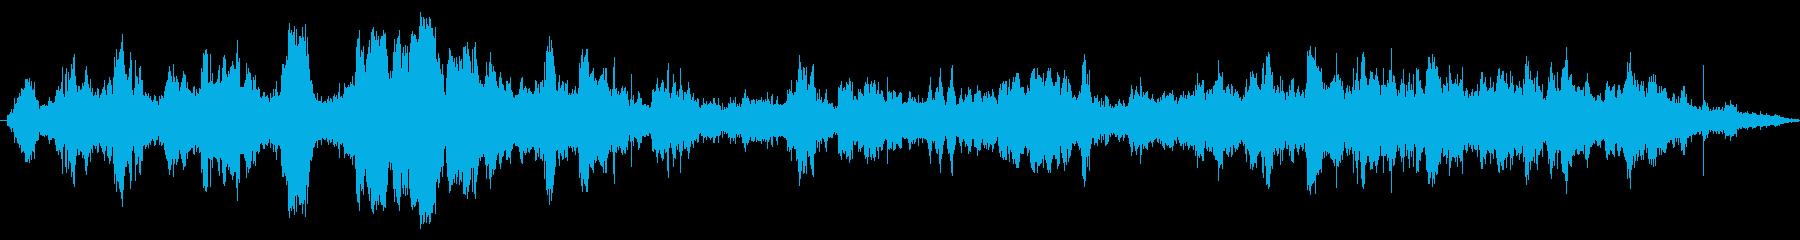 叫ぶ子供たちの再生済みの波形